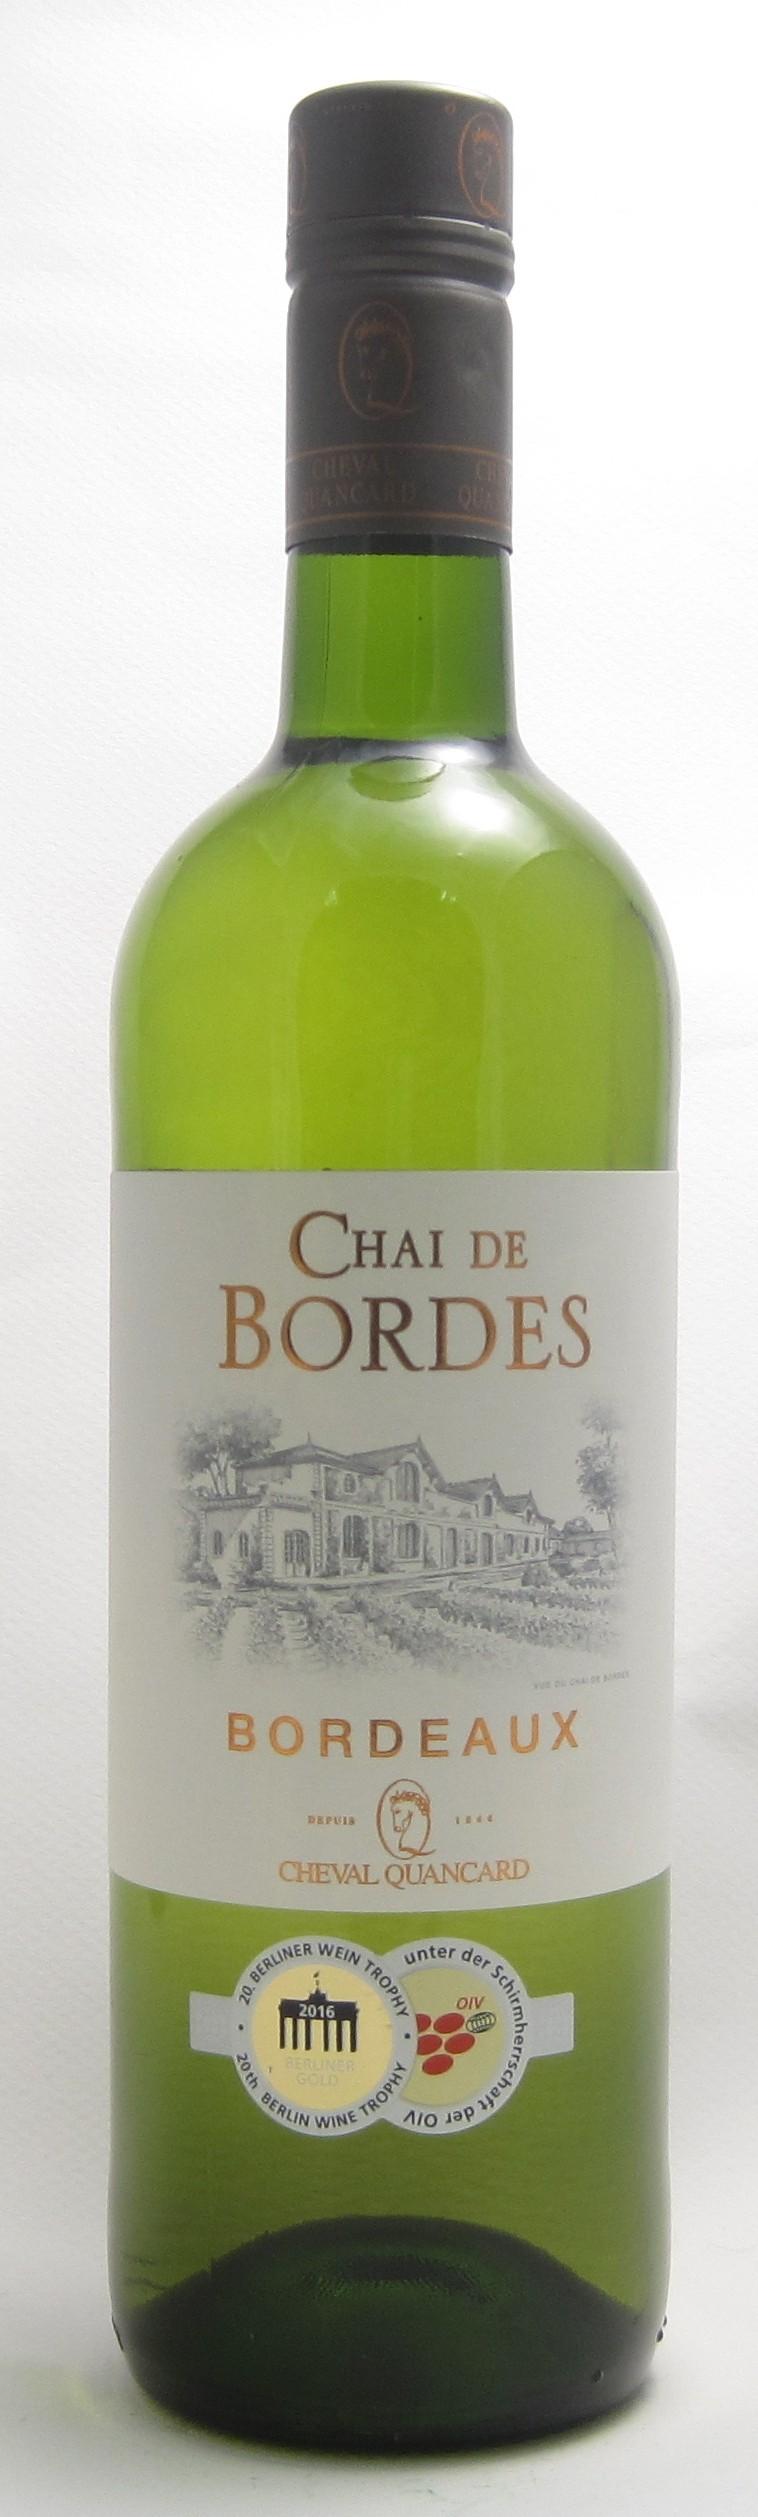 Chai de Bordes Bordeaux Blanc